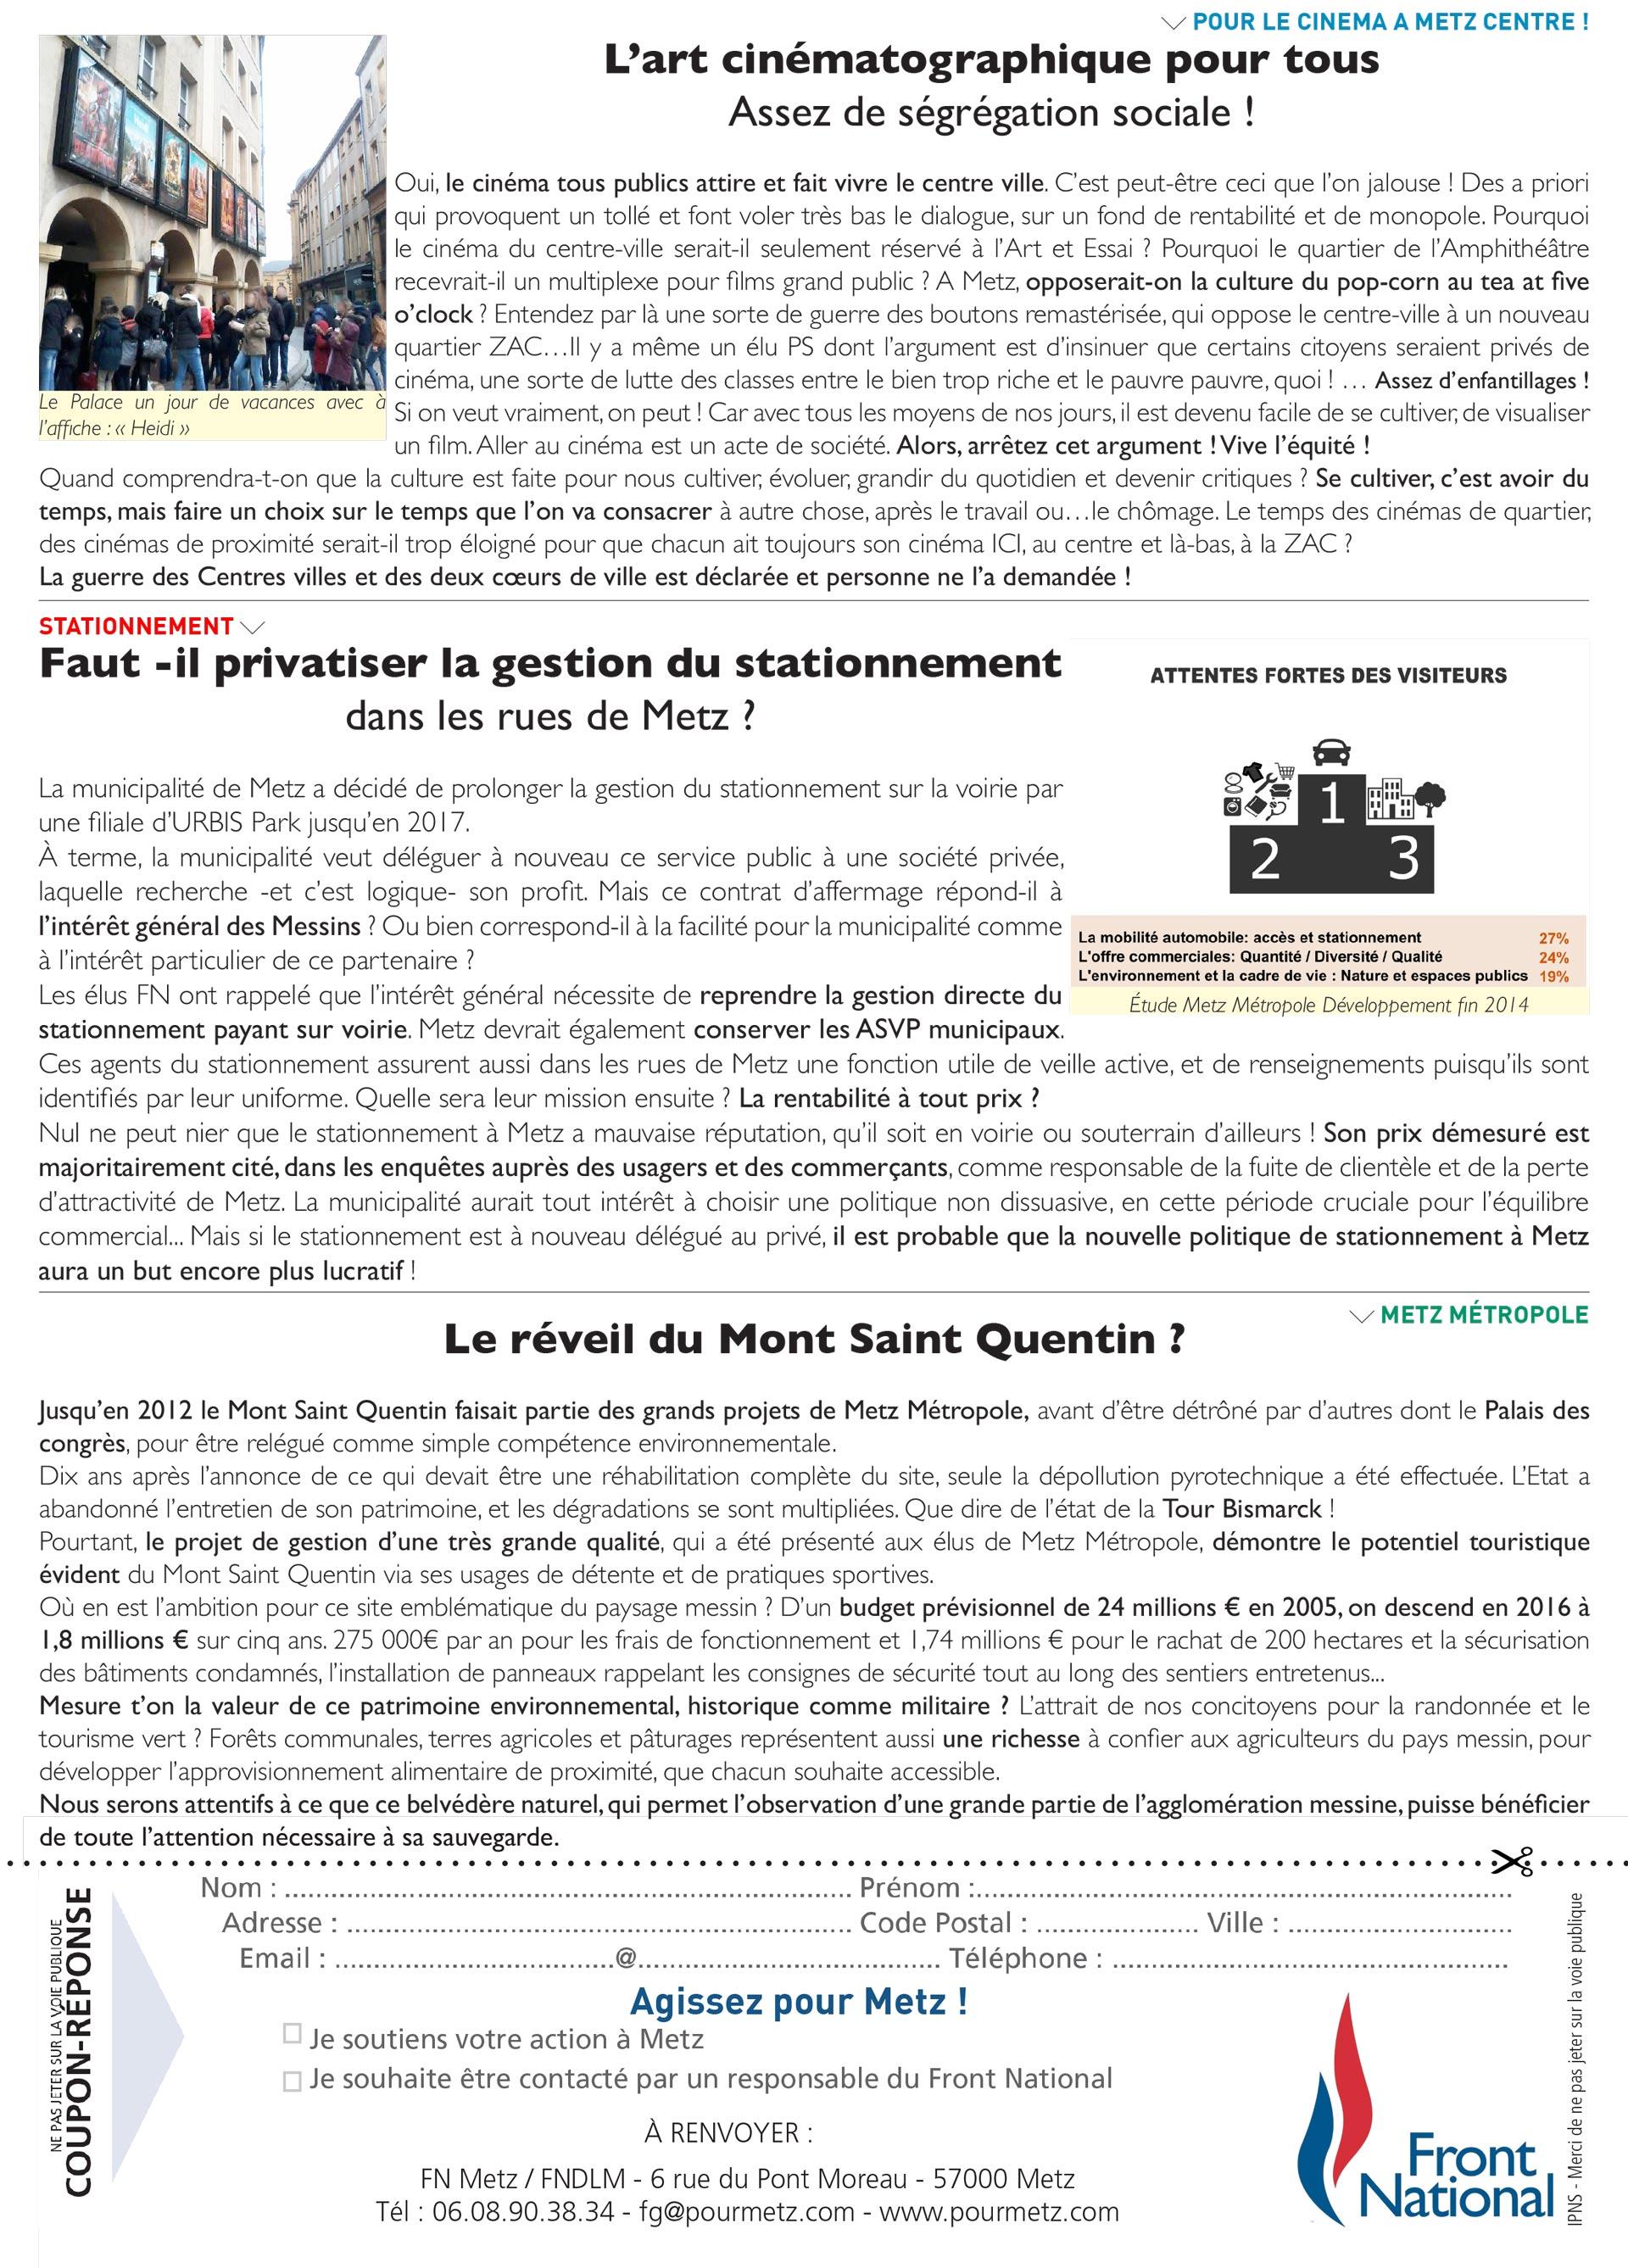 Info_Pour_Metz_printemps_2016_page2sur2